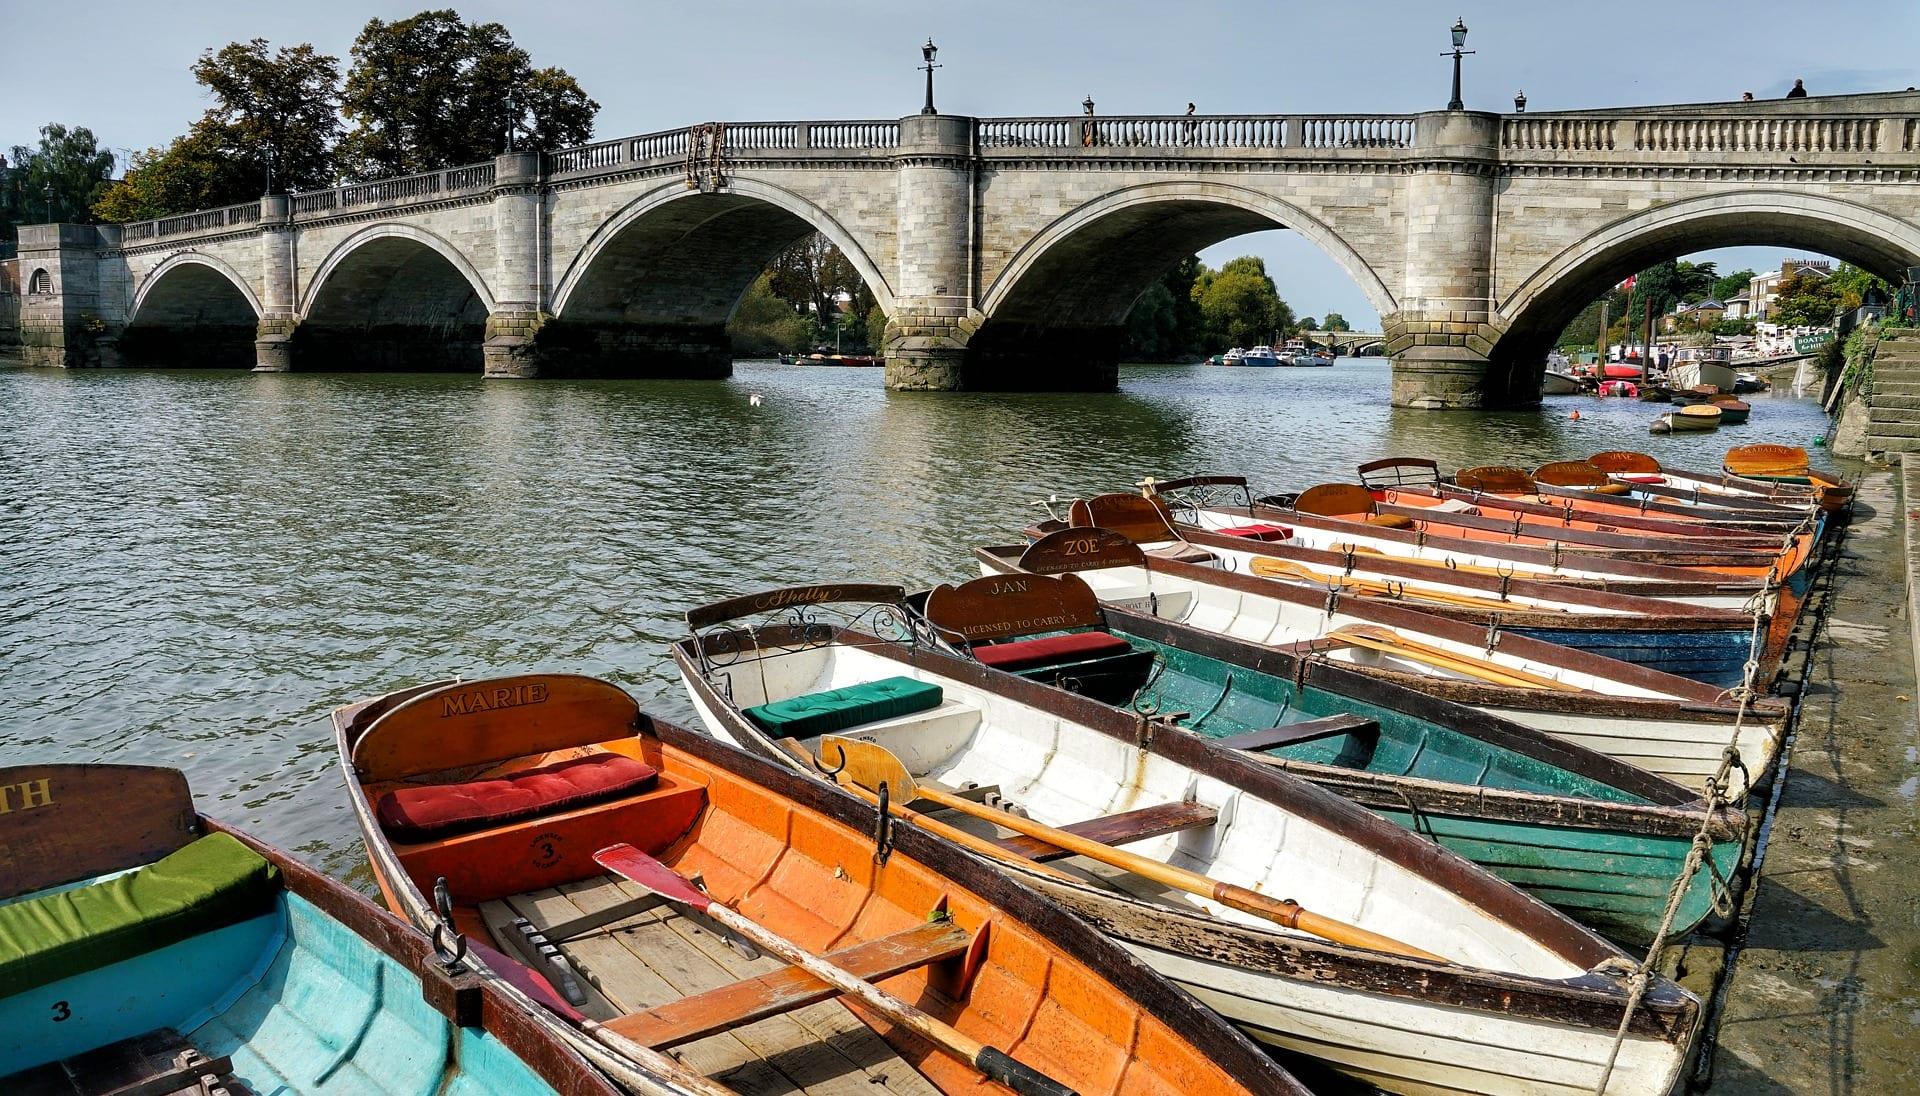 Puentes levadizos de Londres